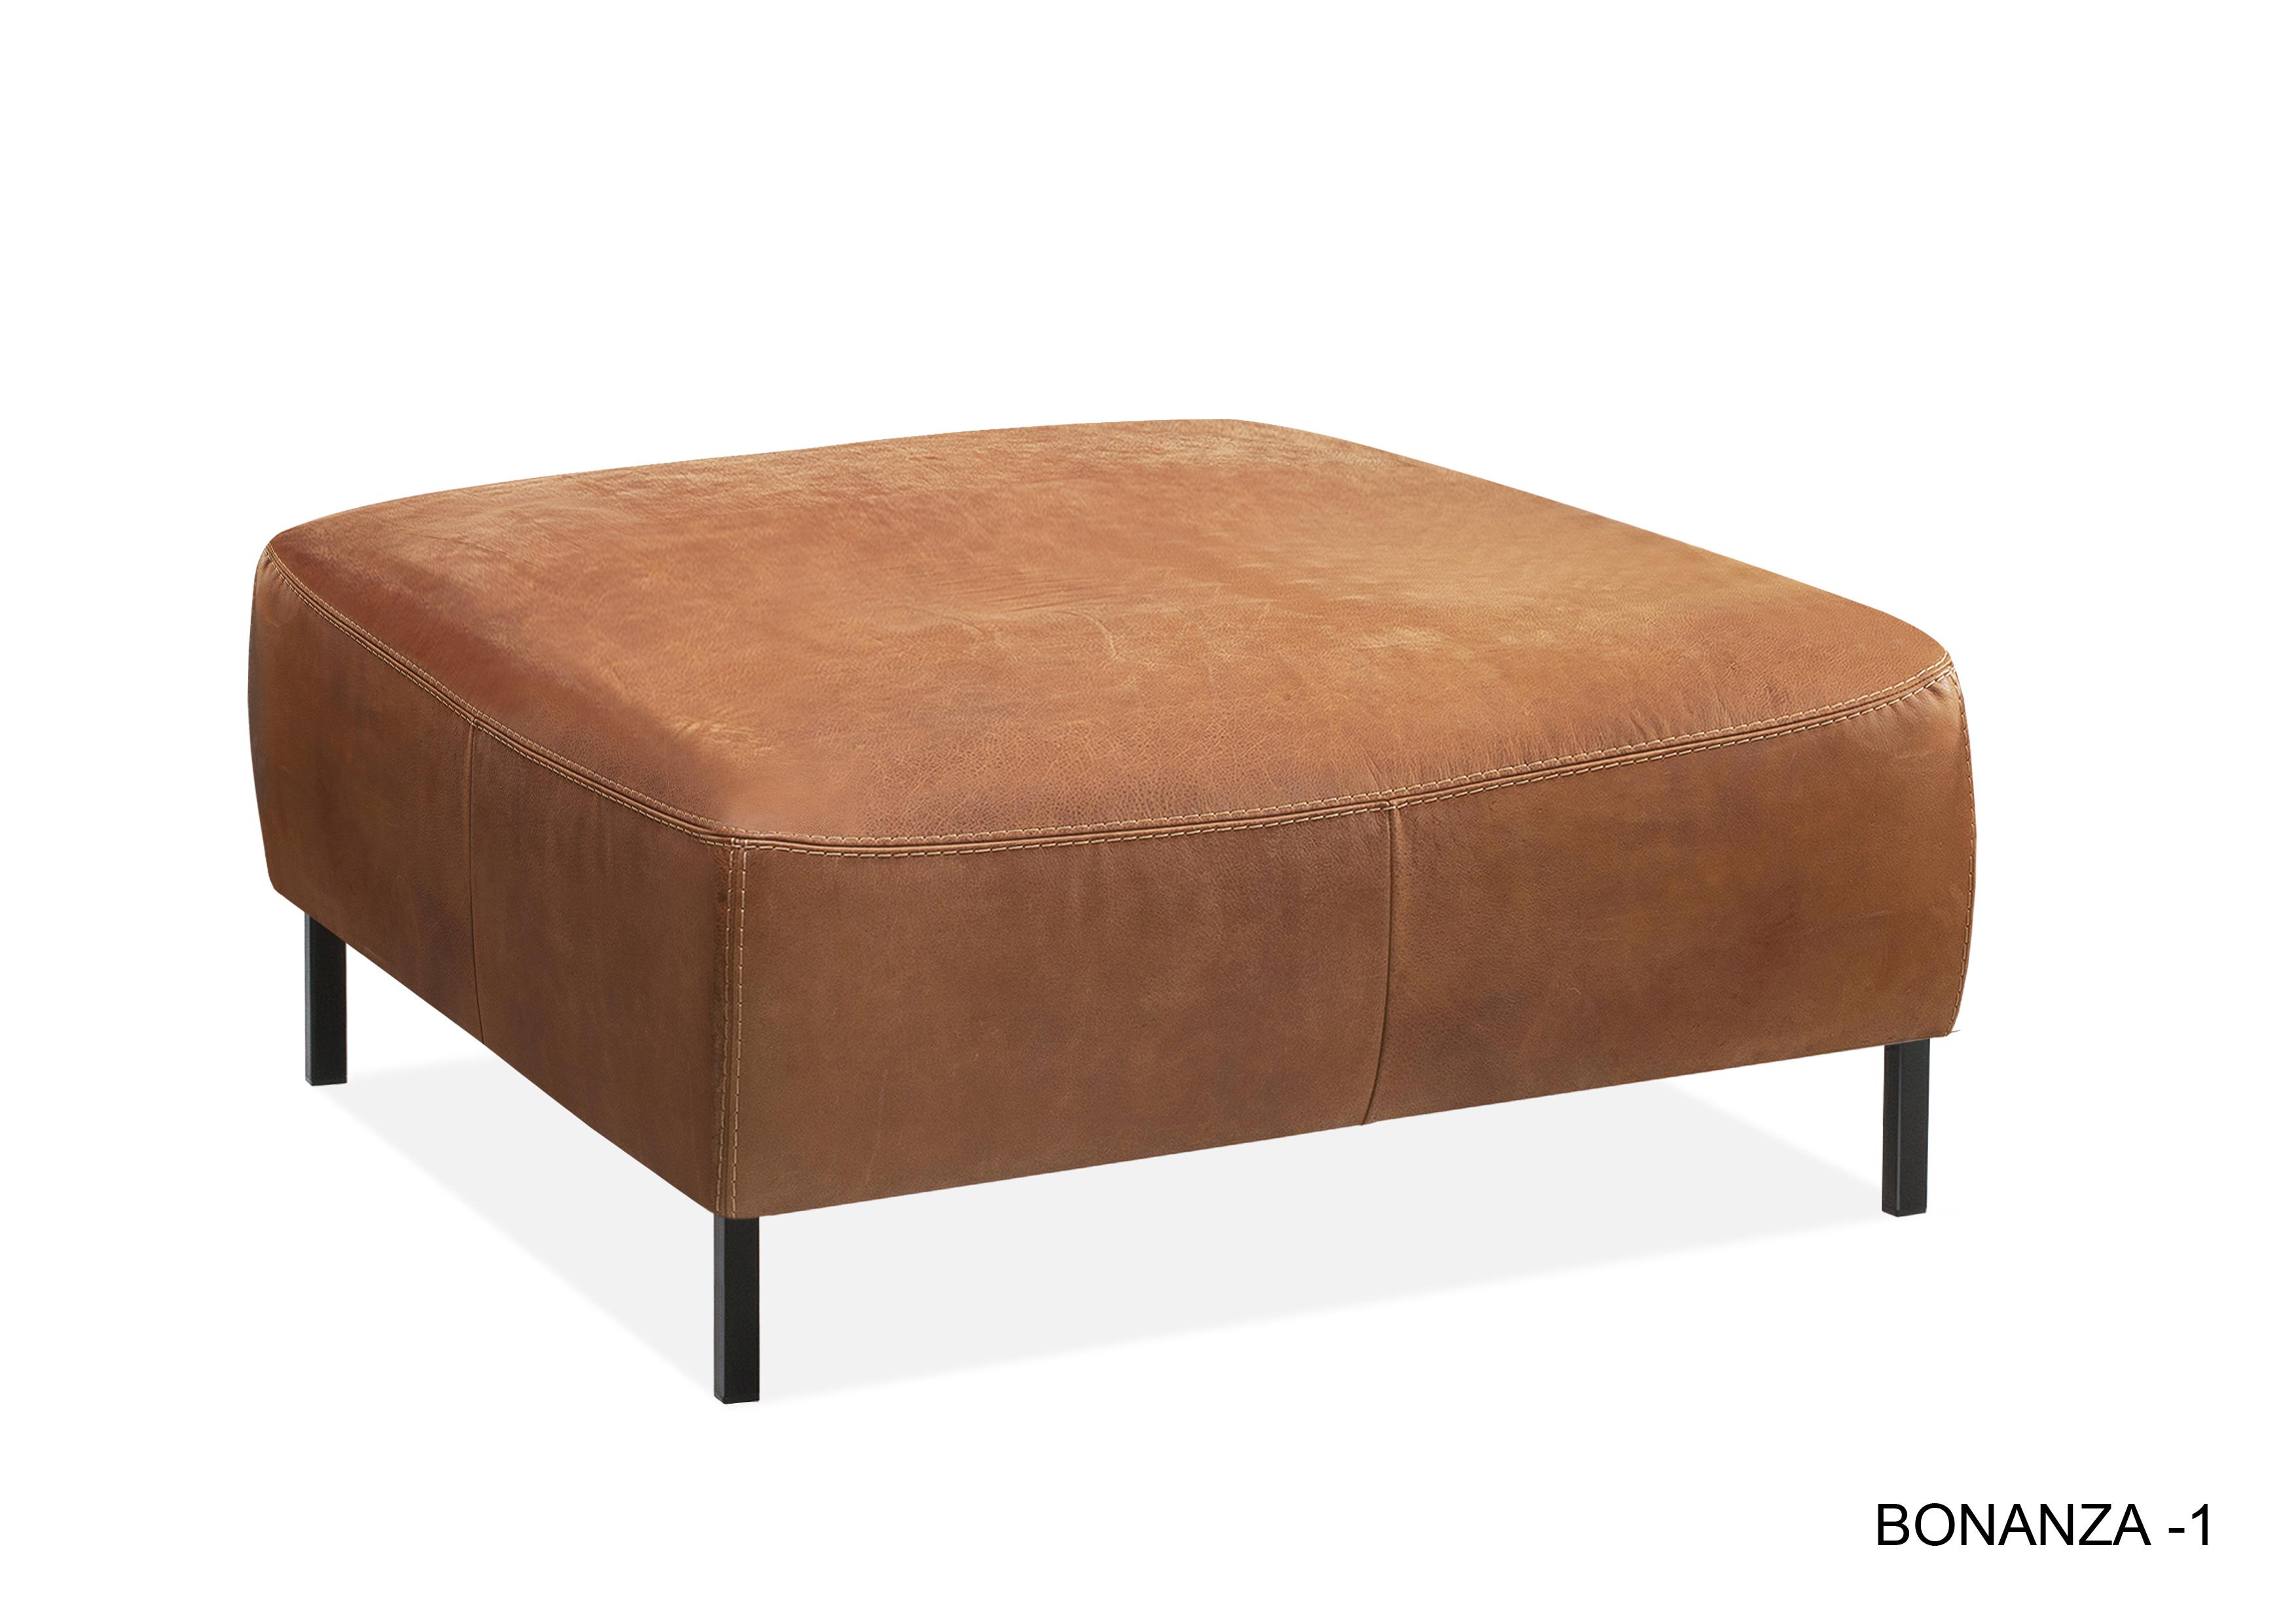 Bonanza hocker 1 90x90